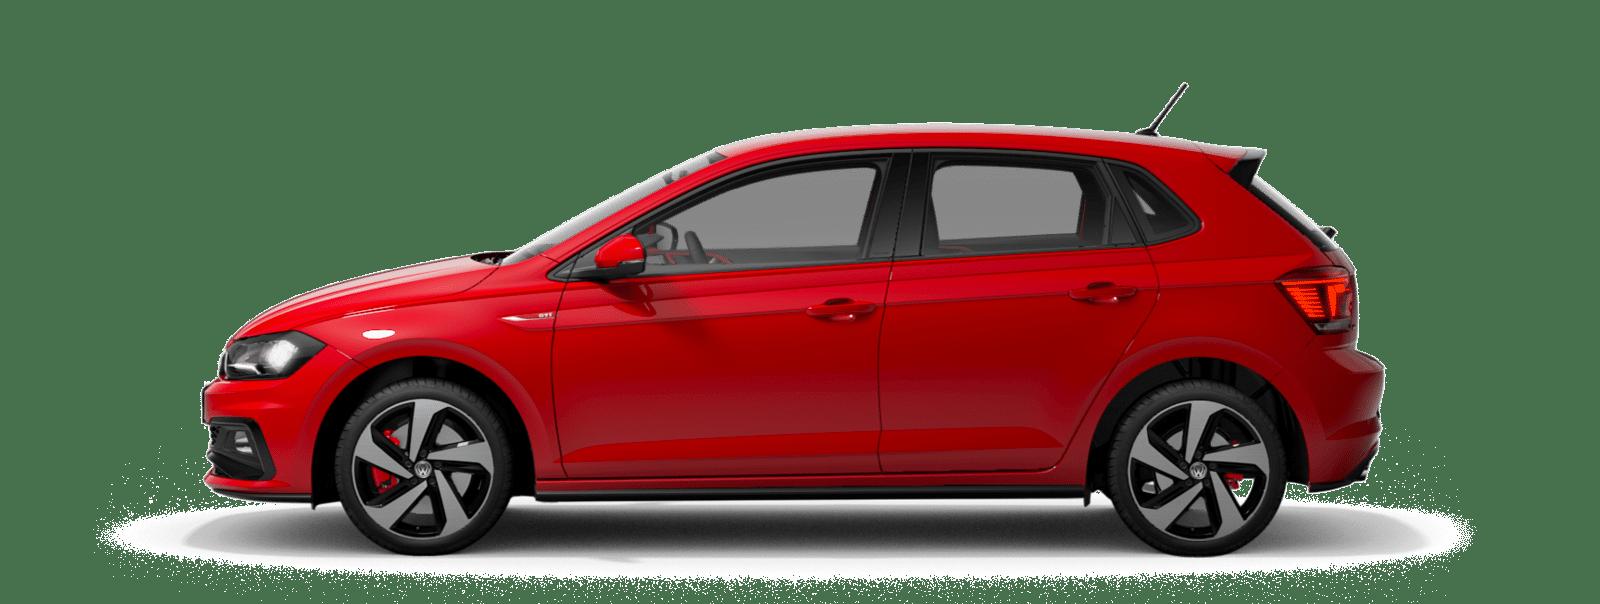 Polo GTI Napoli